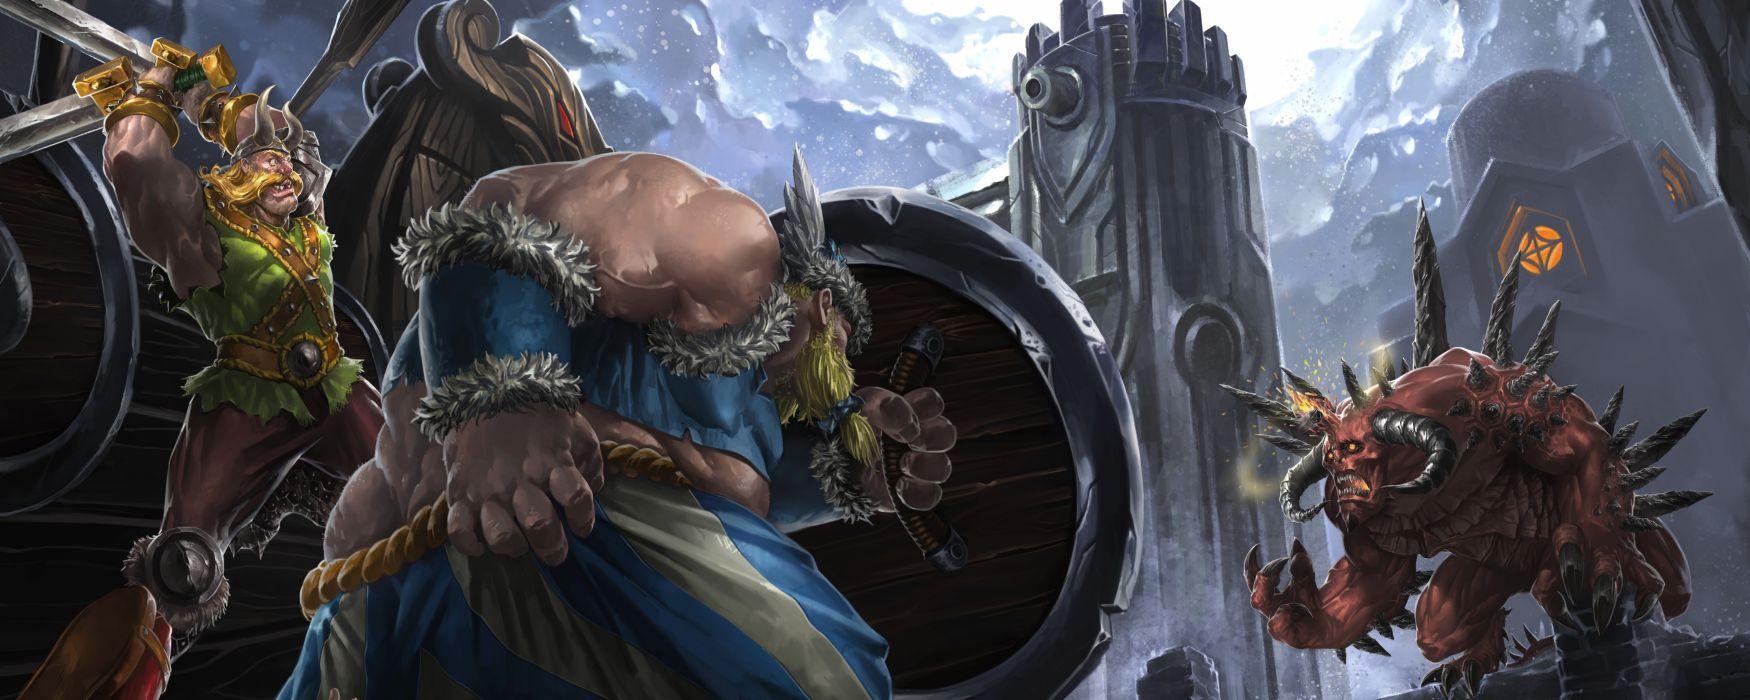 HEROES STORM fantasy sci-fi fighting online arena warrior 1hots wallpaper